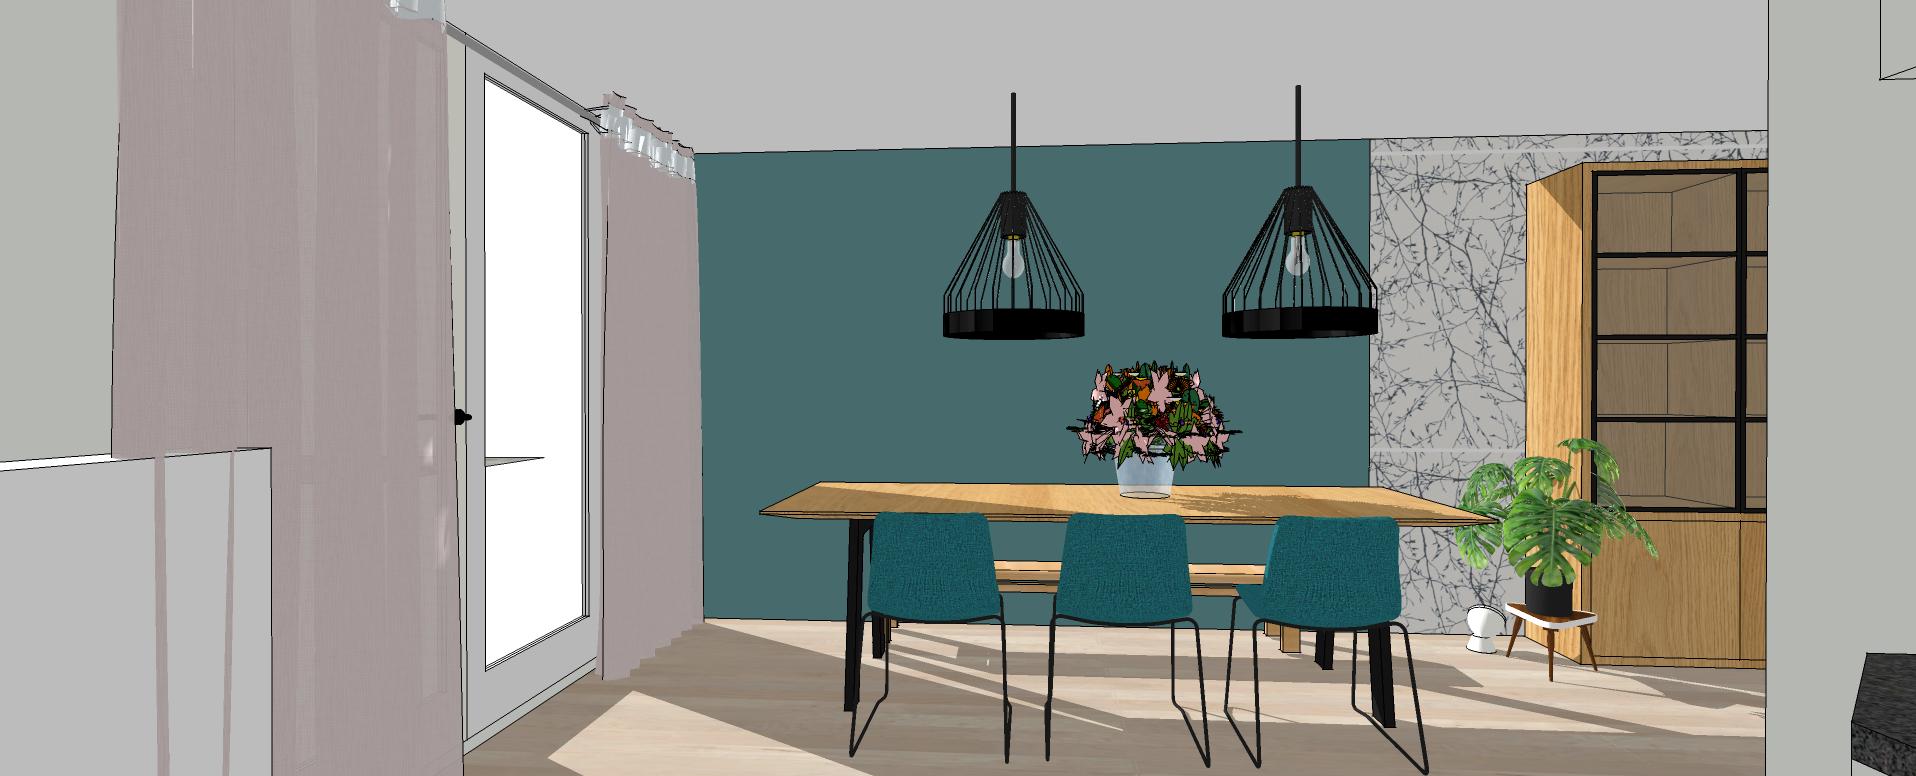 Willemijn, Interieurontwerp, interieur, interieurdesign Groningen, eetkamer